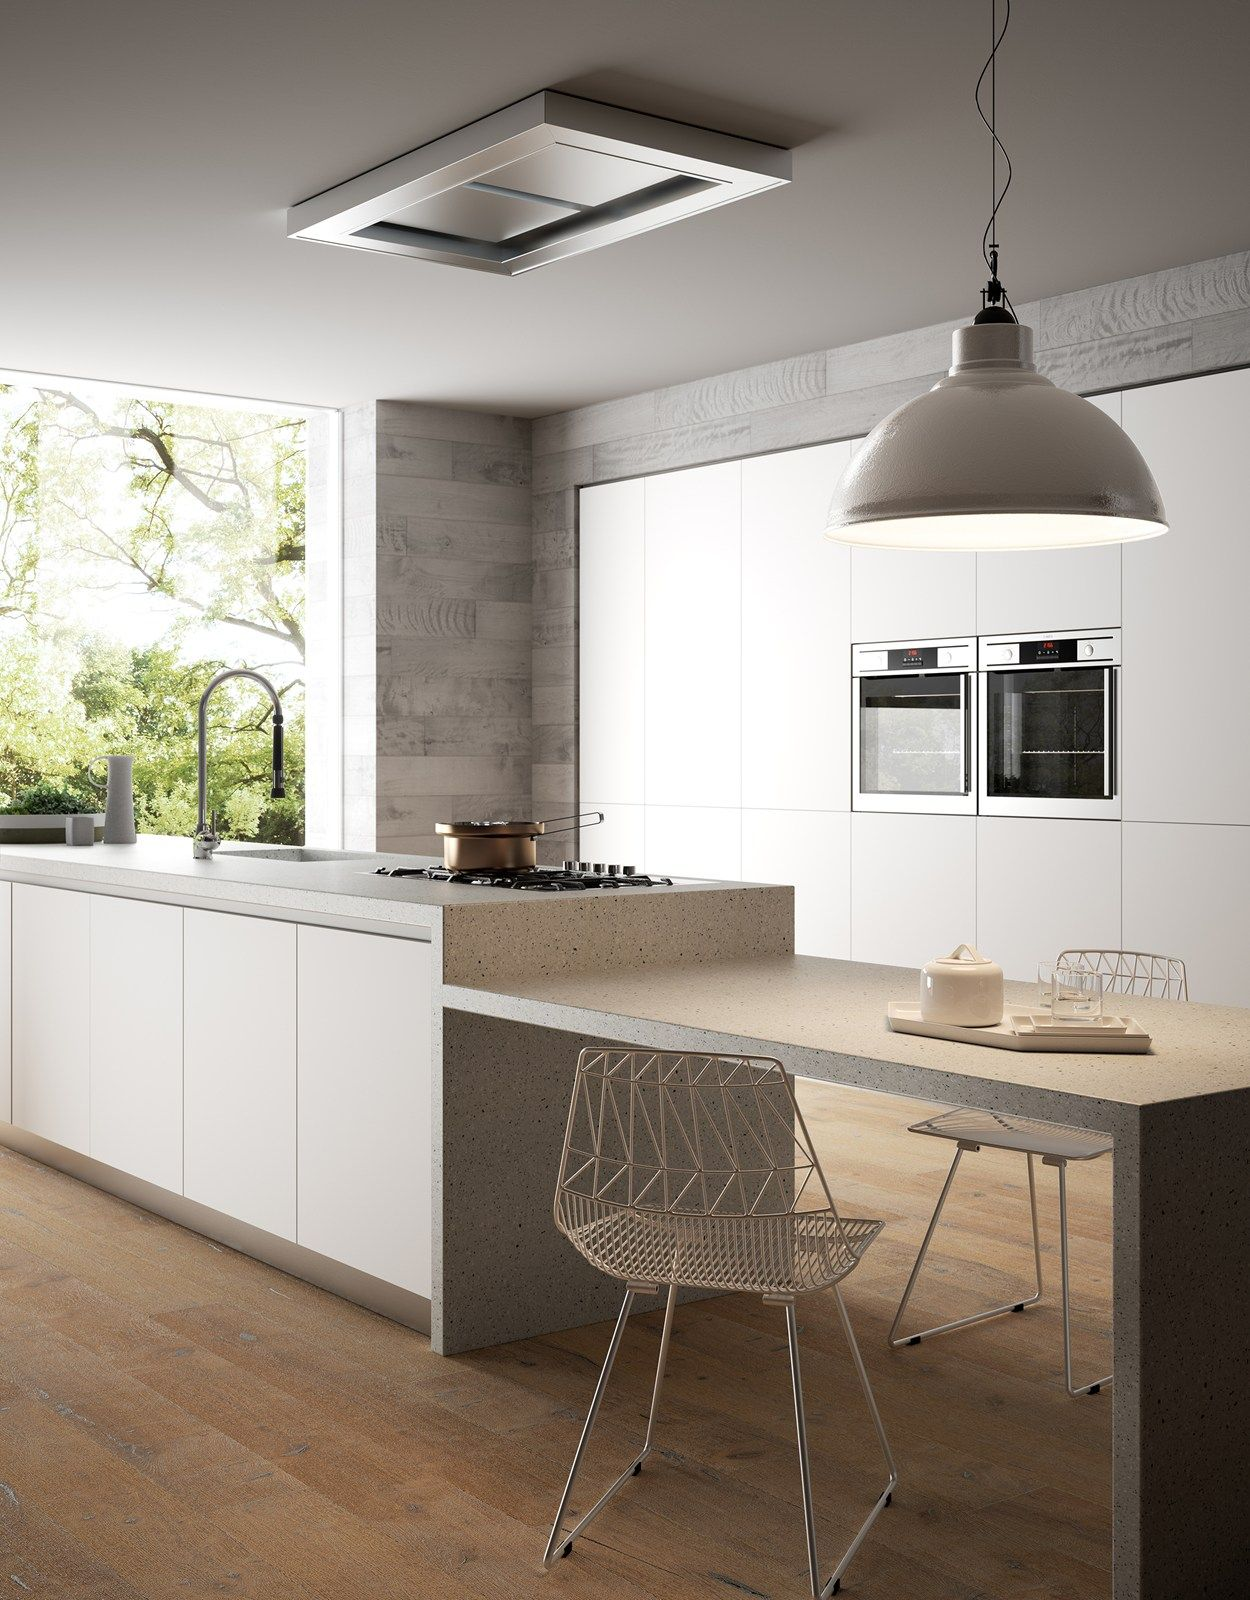 La rivoluzione in cucina parte dai materiali le superfici hi macs per il 39 cuore della casa - Cucine moderne bellissime ...